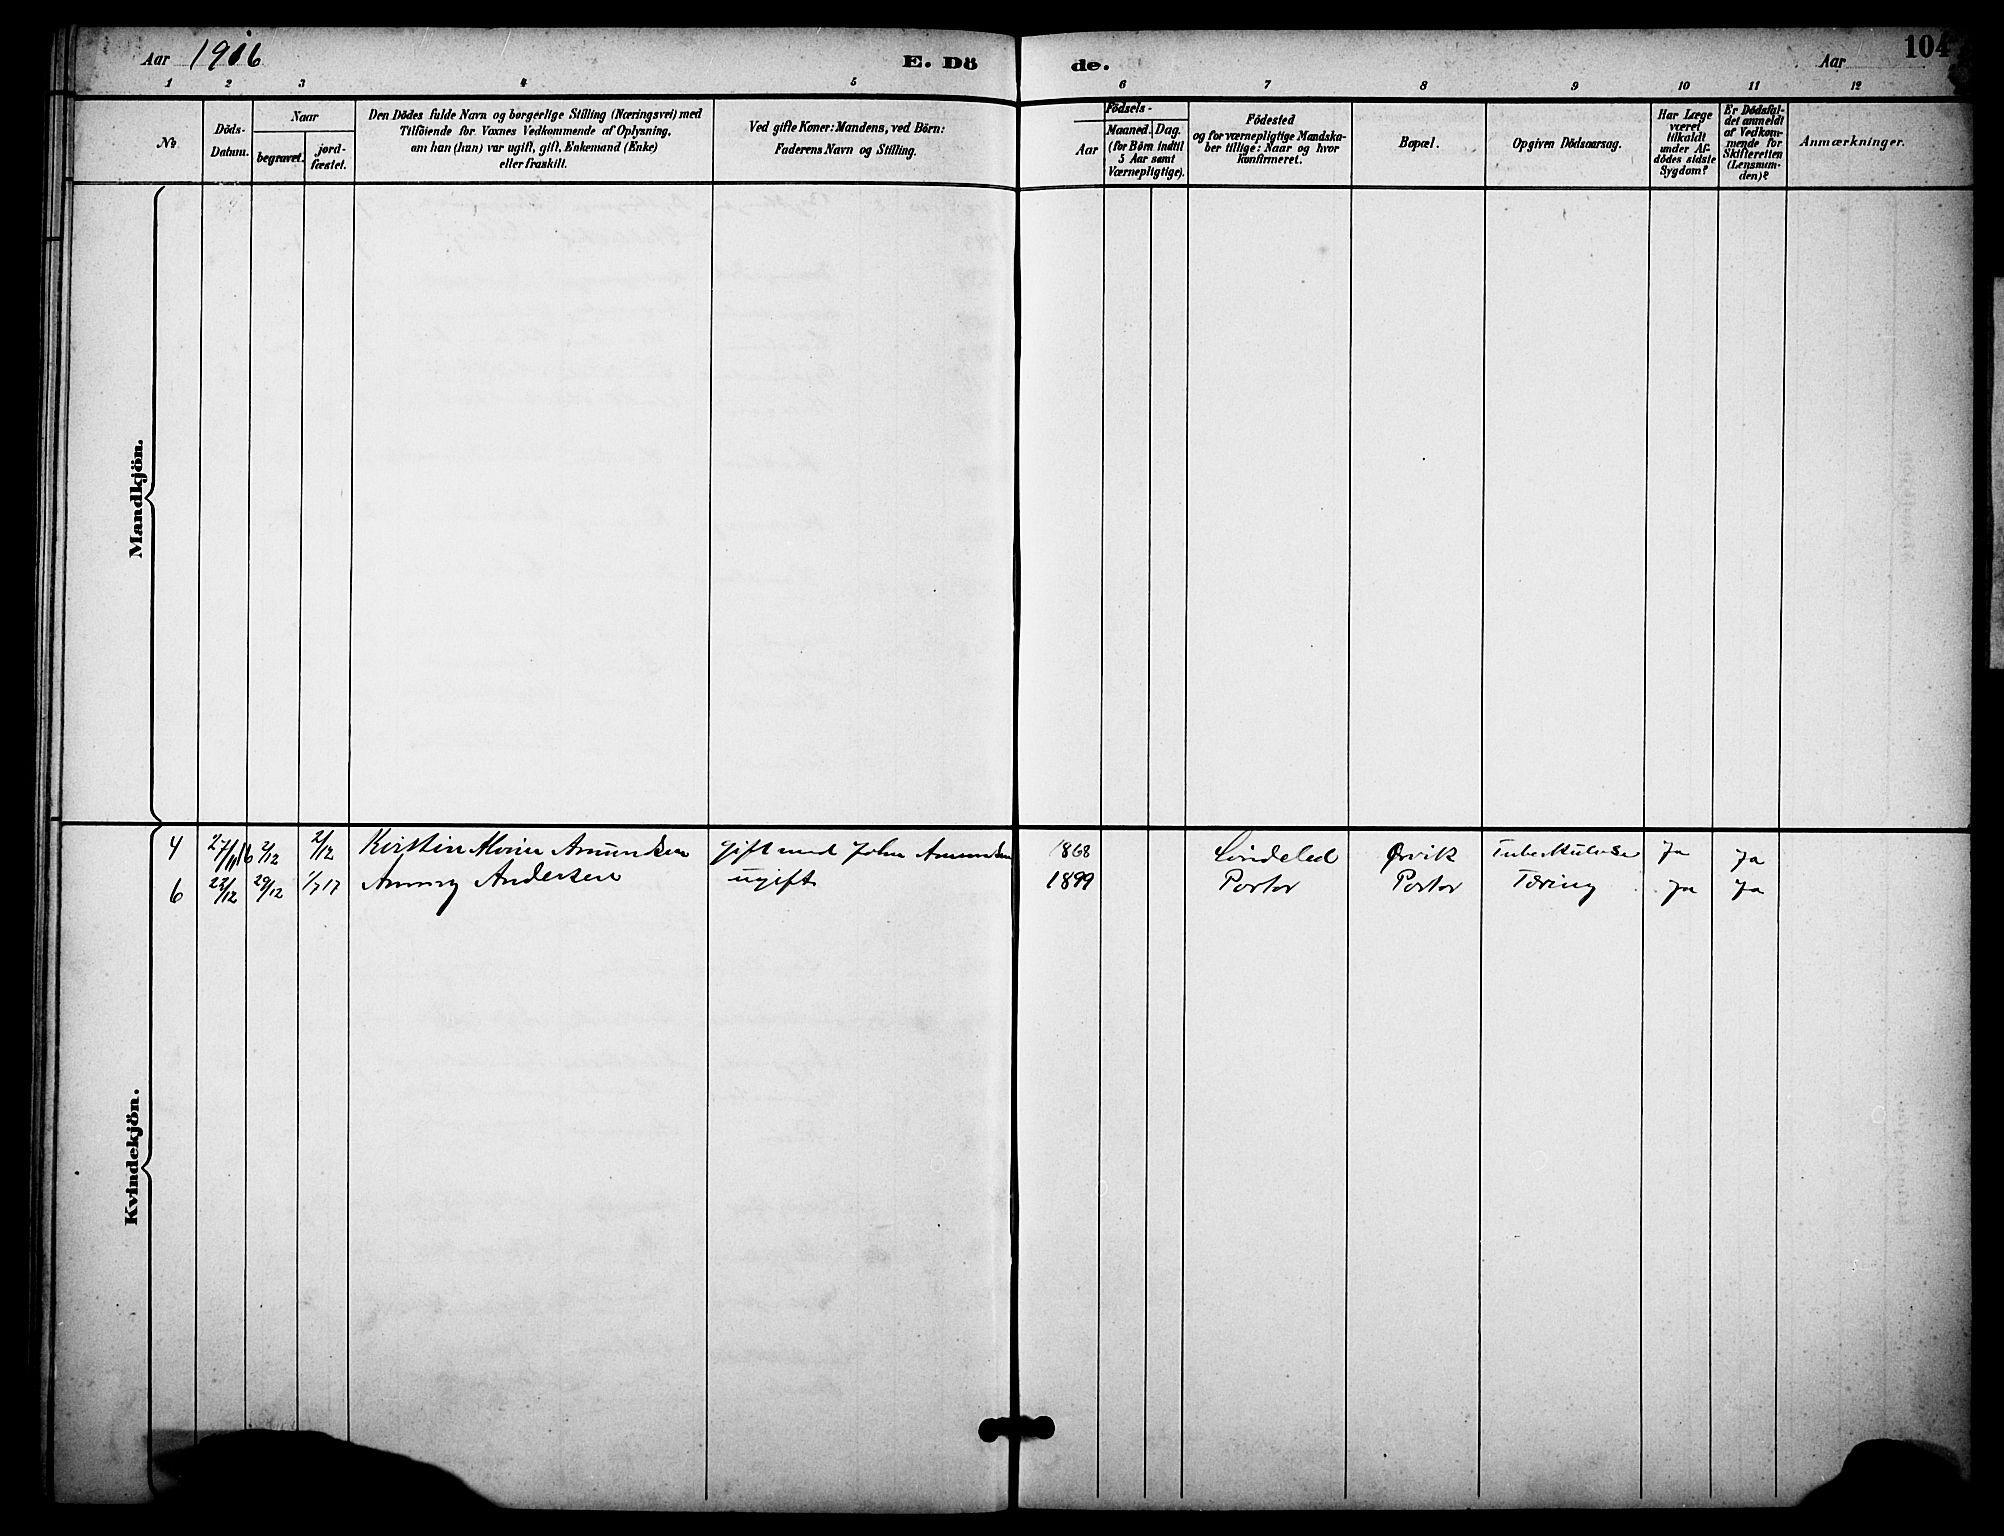 SAKO, Skåtøy kirkebøker, G/Gb/L0001: Klokkerbok nr. II 1, 1892-1916, s. 104